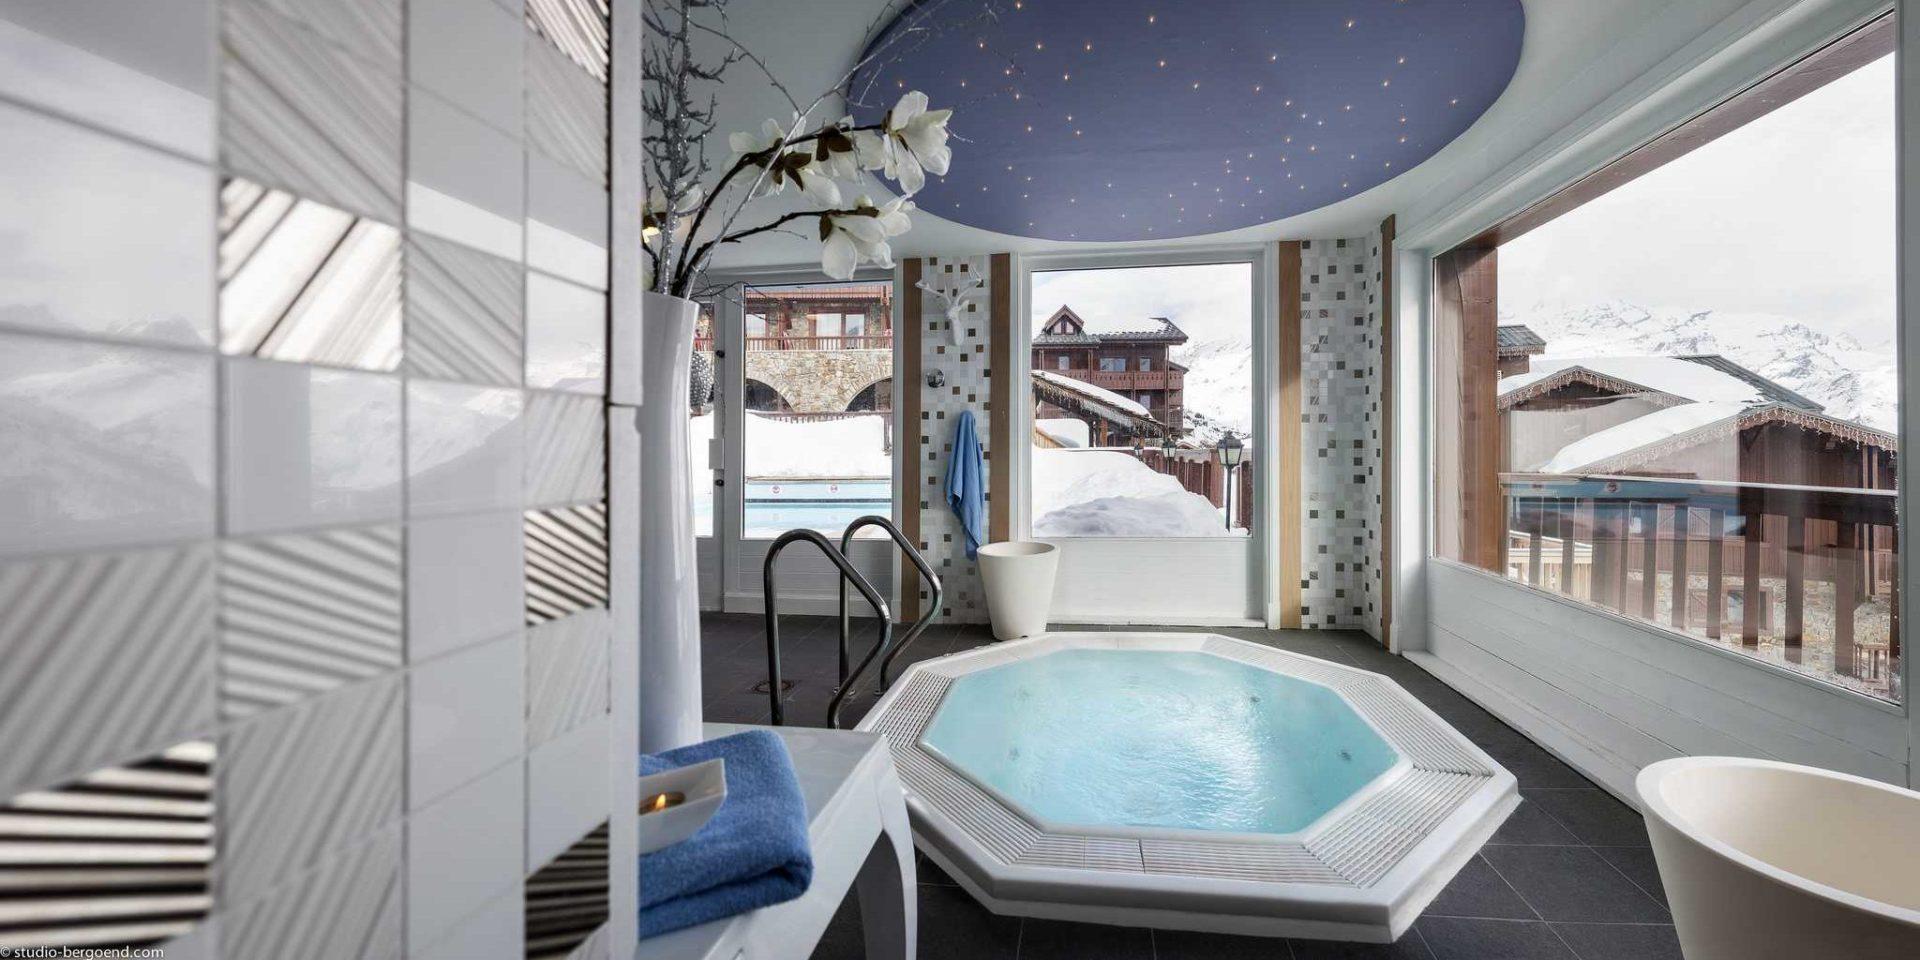 Hotel Village Montana Tignes Tignes-Val d'Isere Frankrijk wintersport skivakantie luxe Spa jacuzzi blauwe handdoek grote ramen uitzicht dorp sneeuw ontspannen relaxen genieten